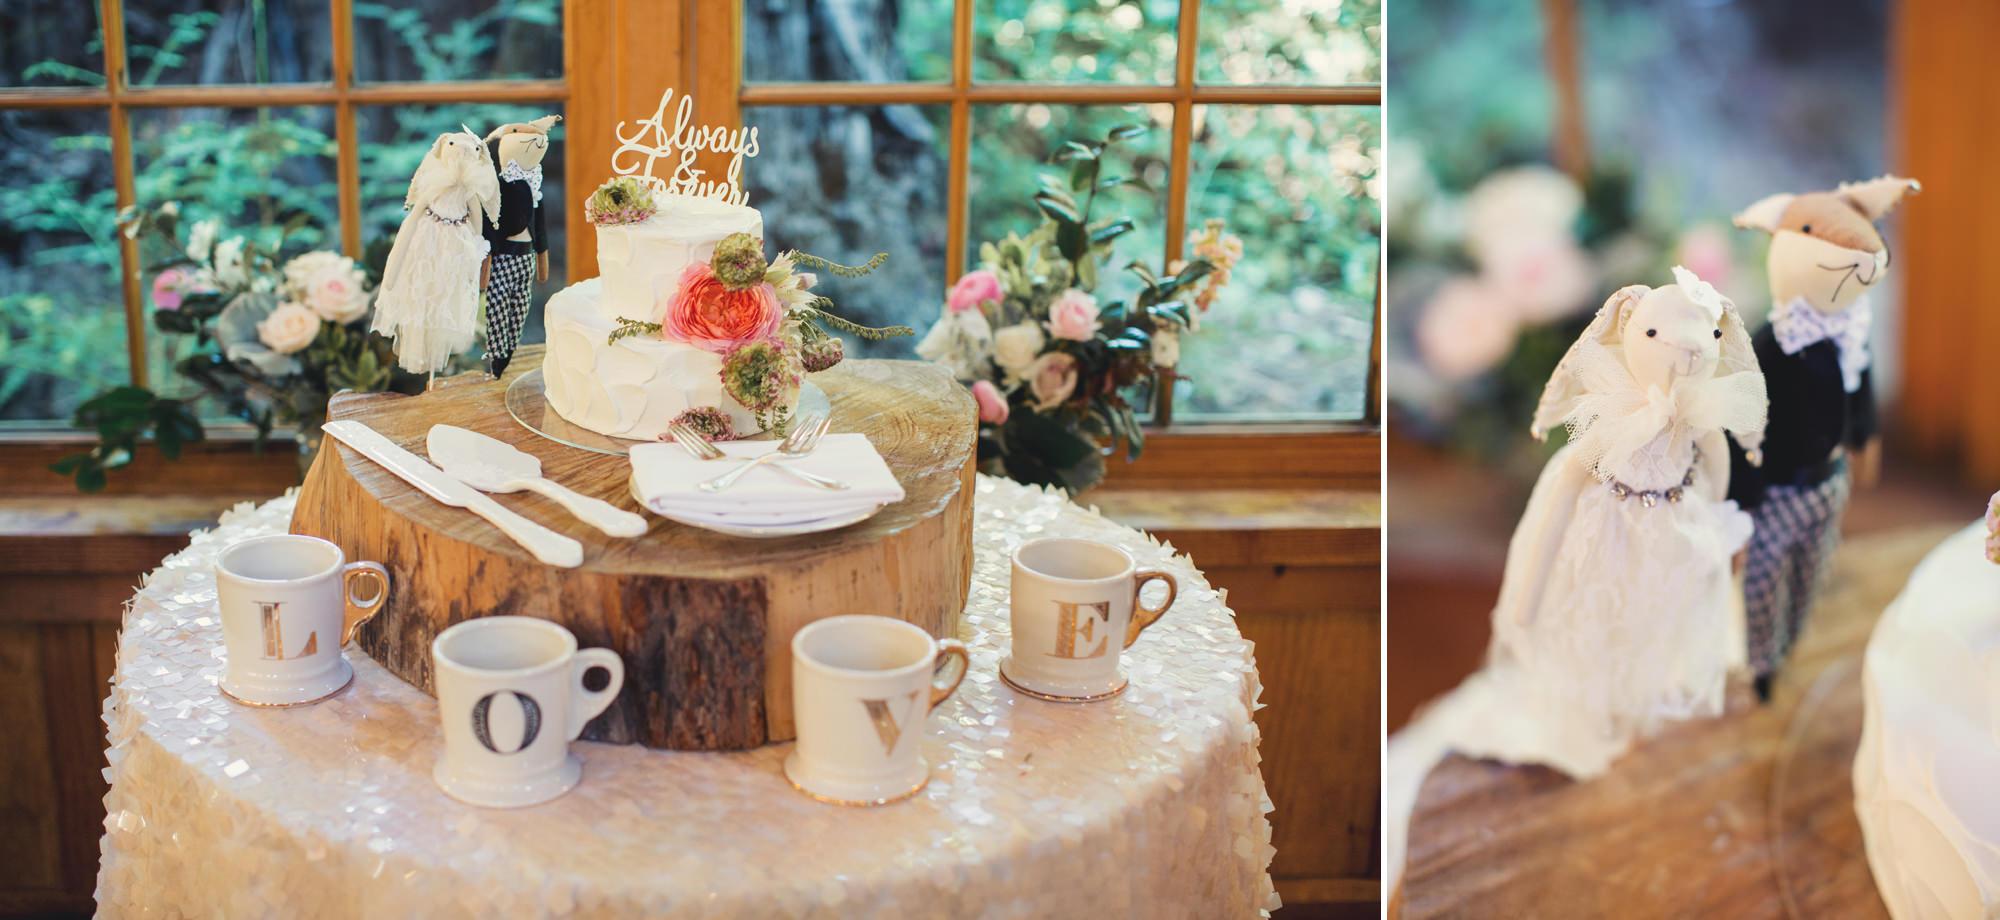 Fairytale Wedding in Nestldown ©Anne-Claire Brun 0067